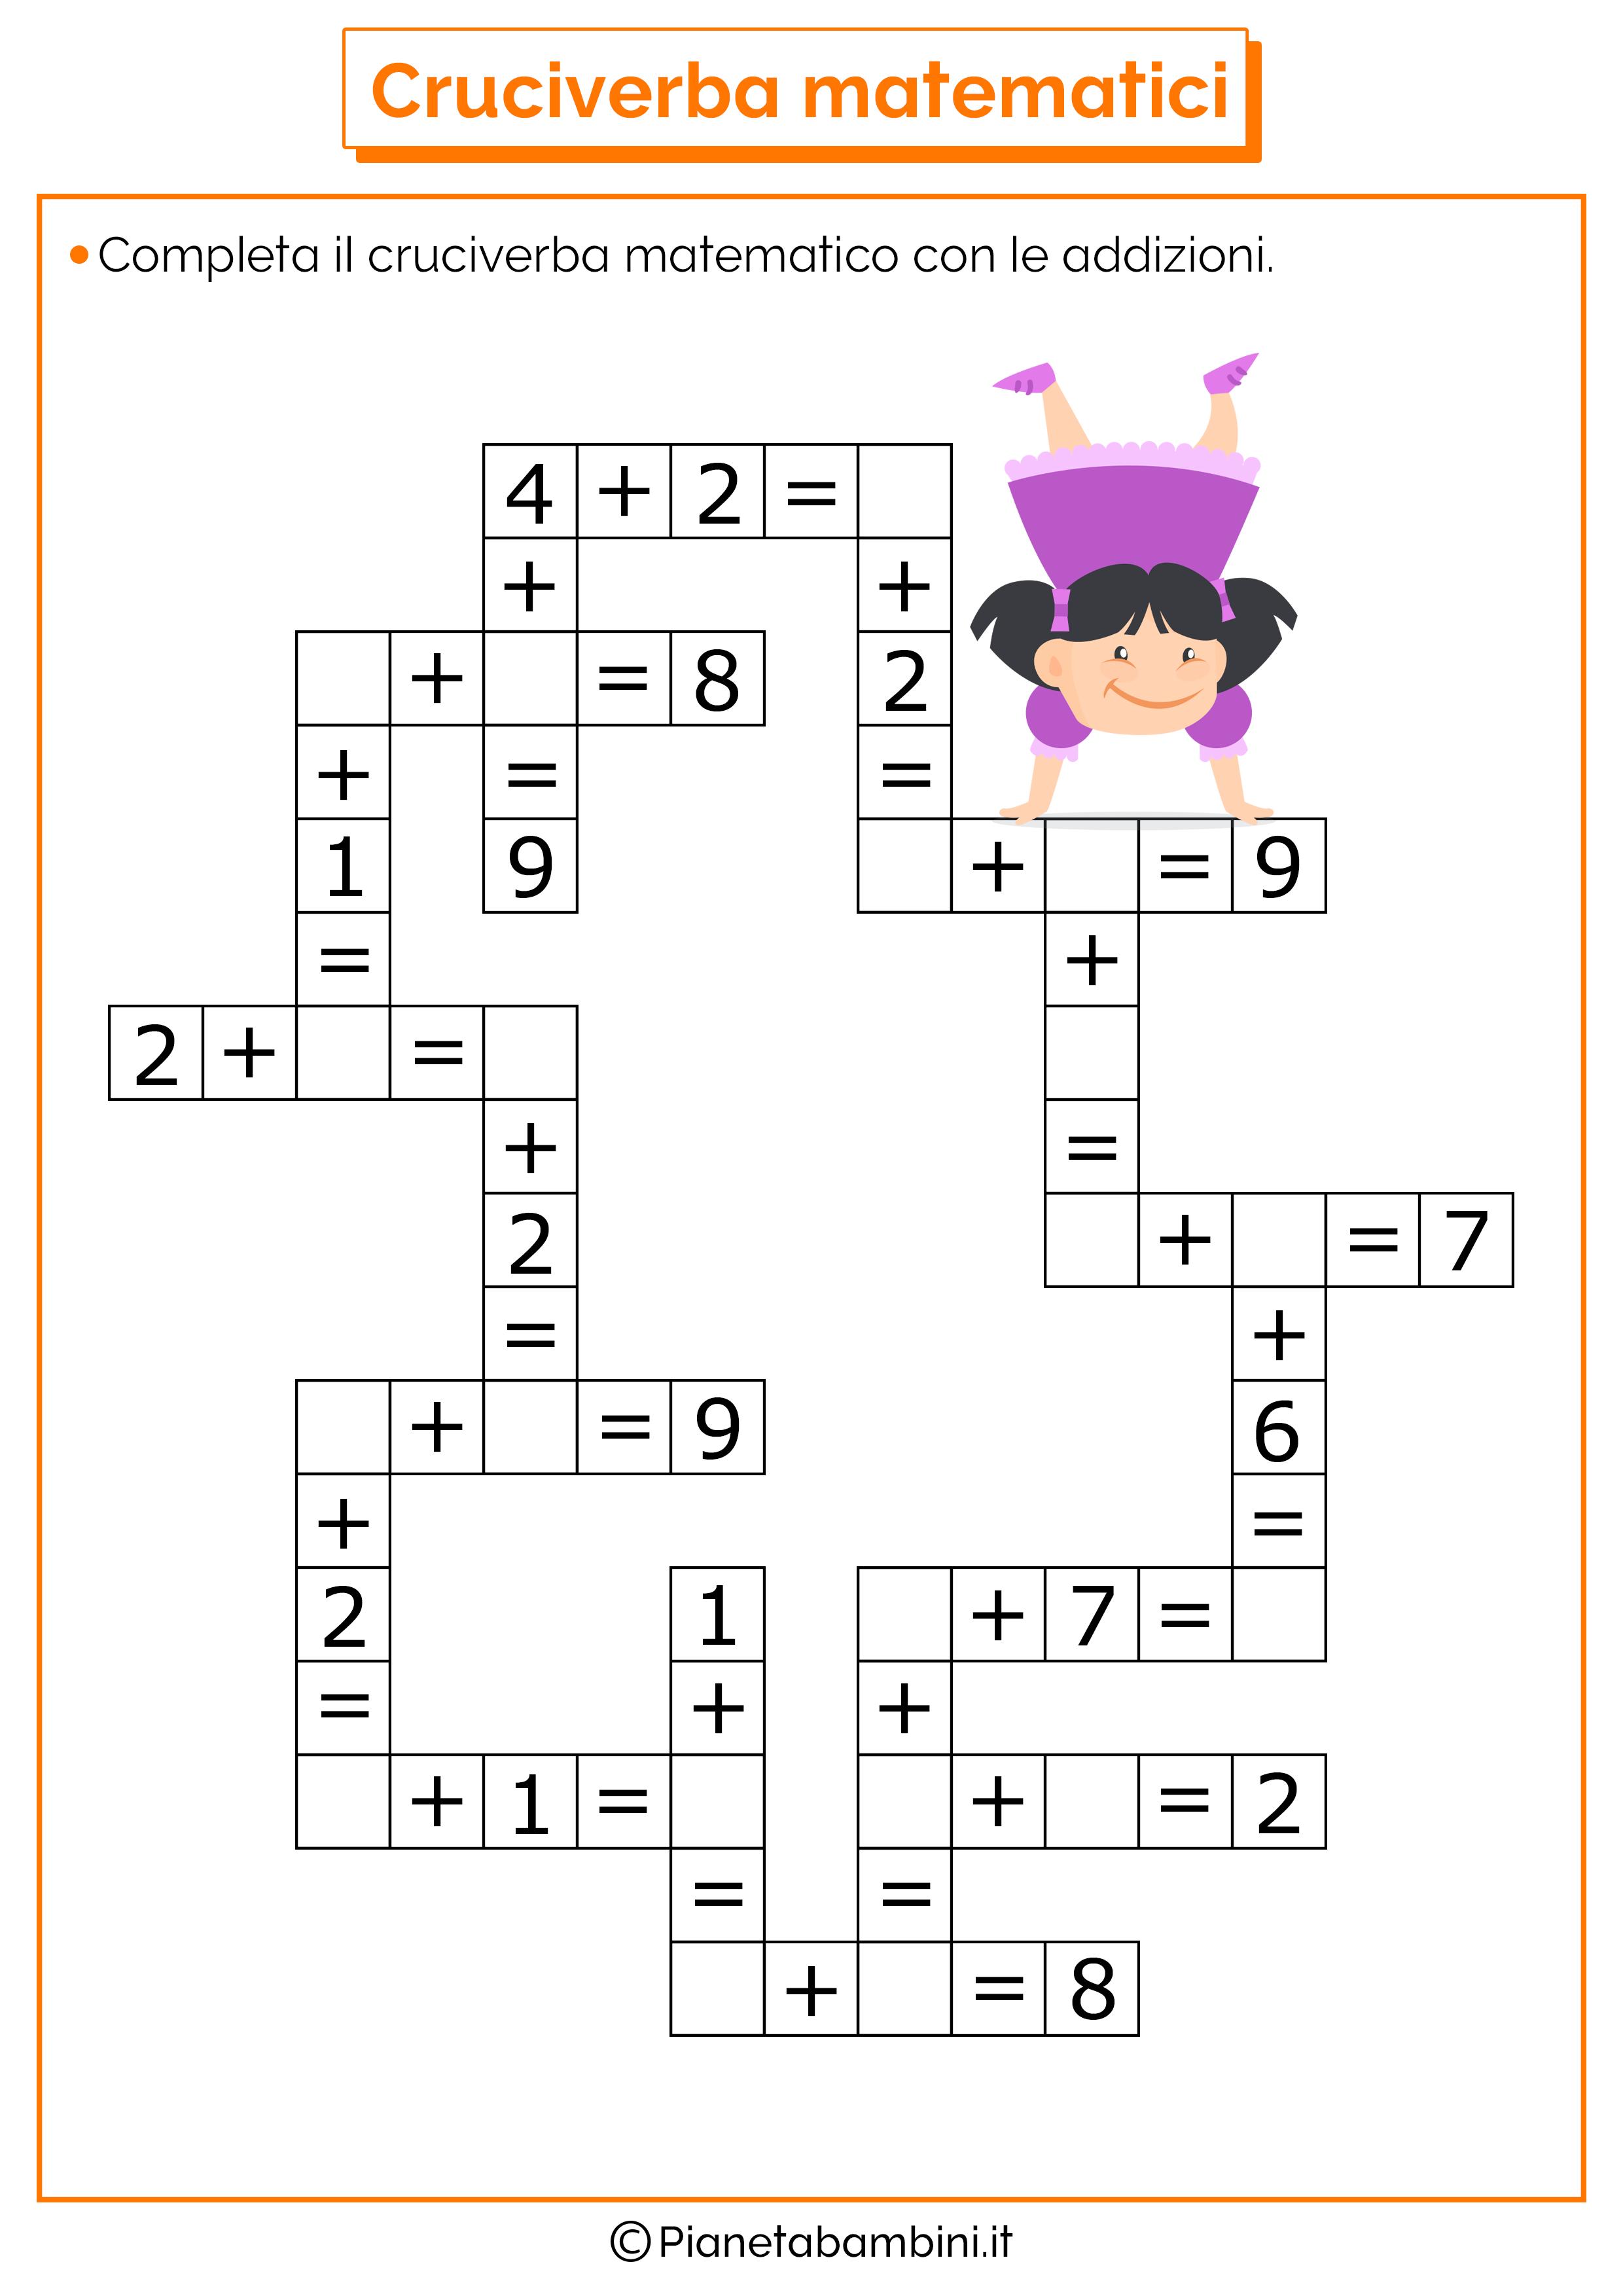 Cruciverba matematici con addizioni e sottrazioni for Cruciverba per anziani da stampare